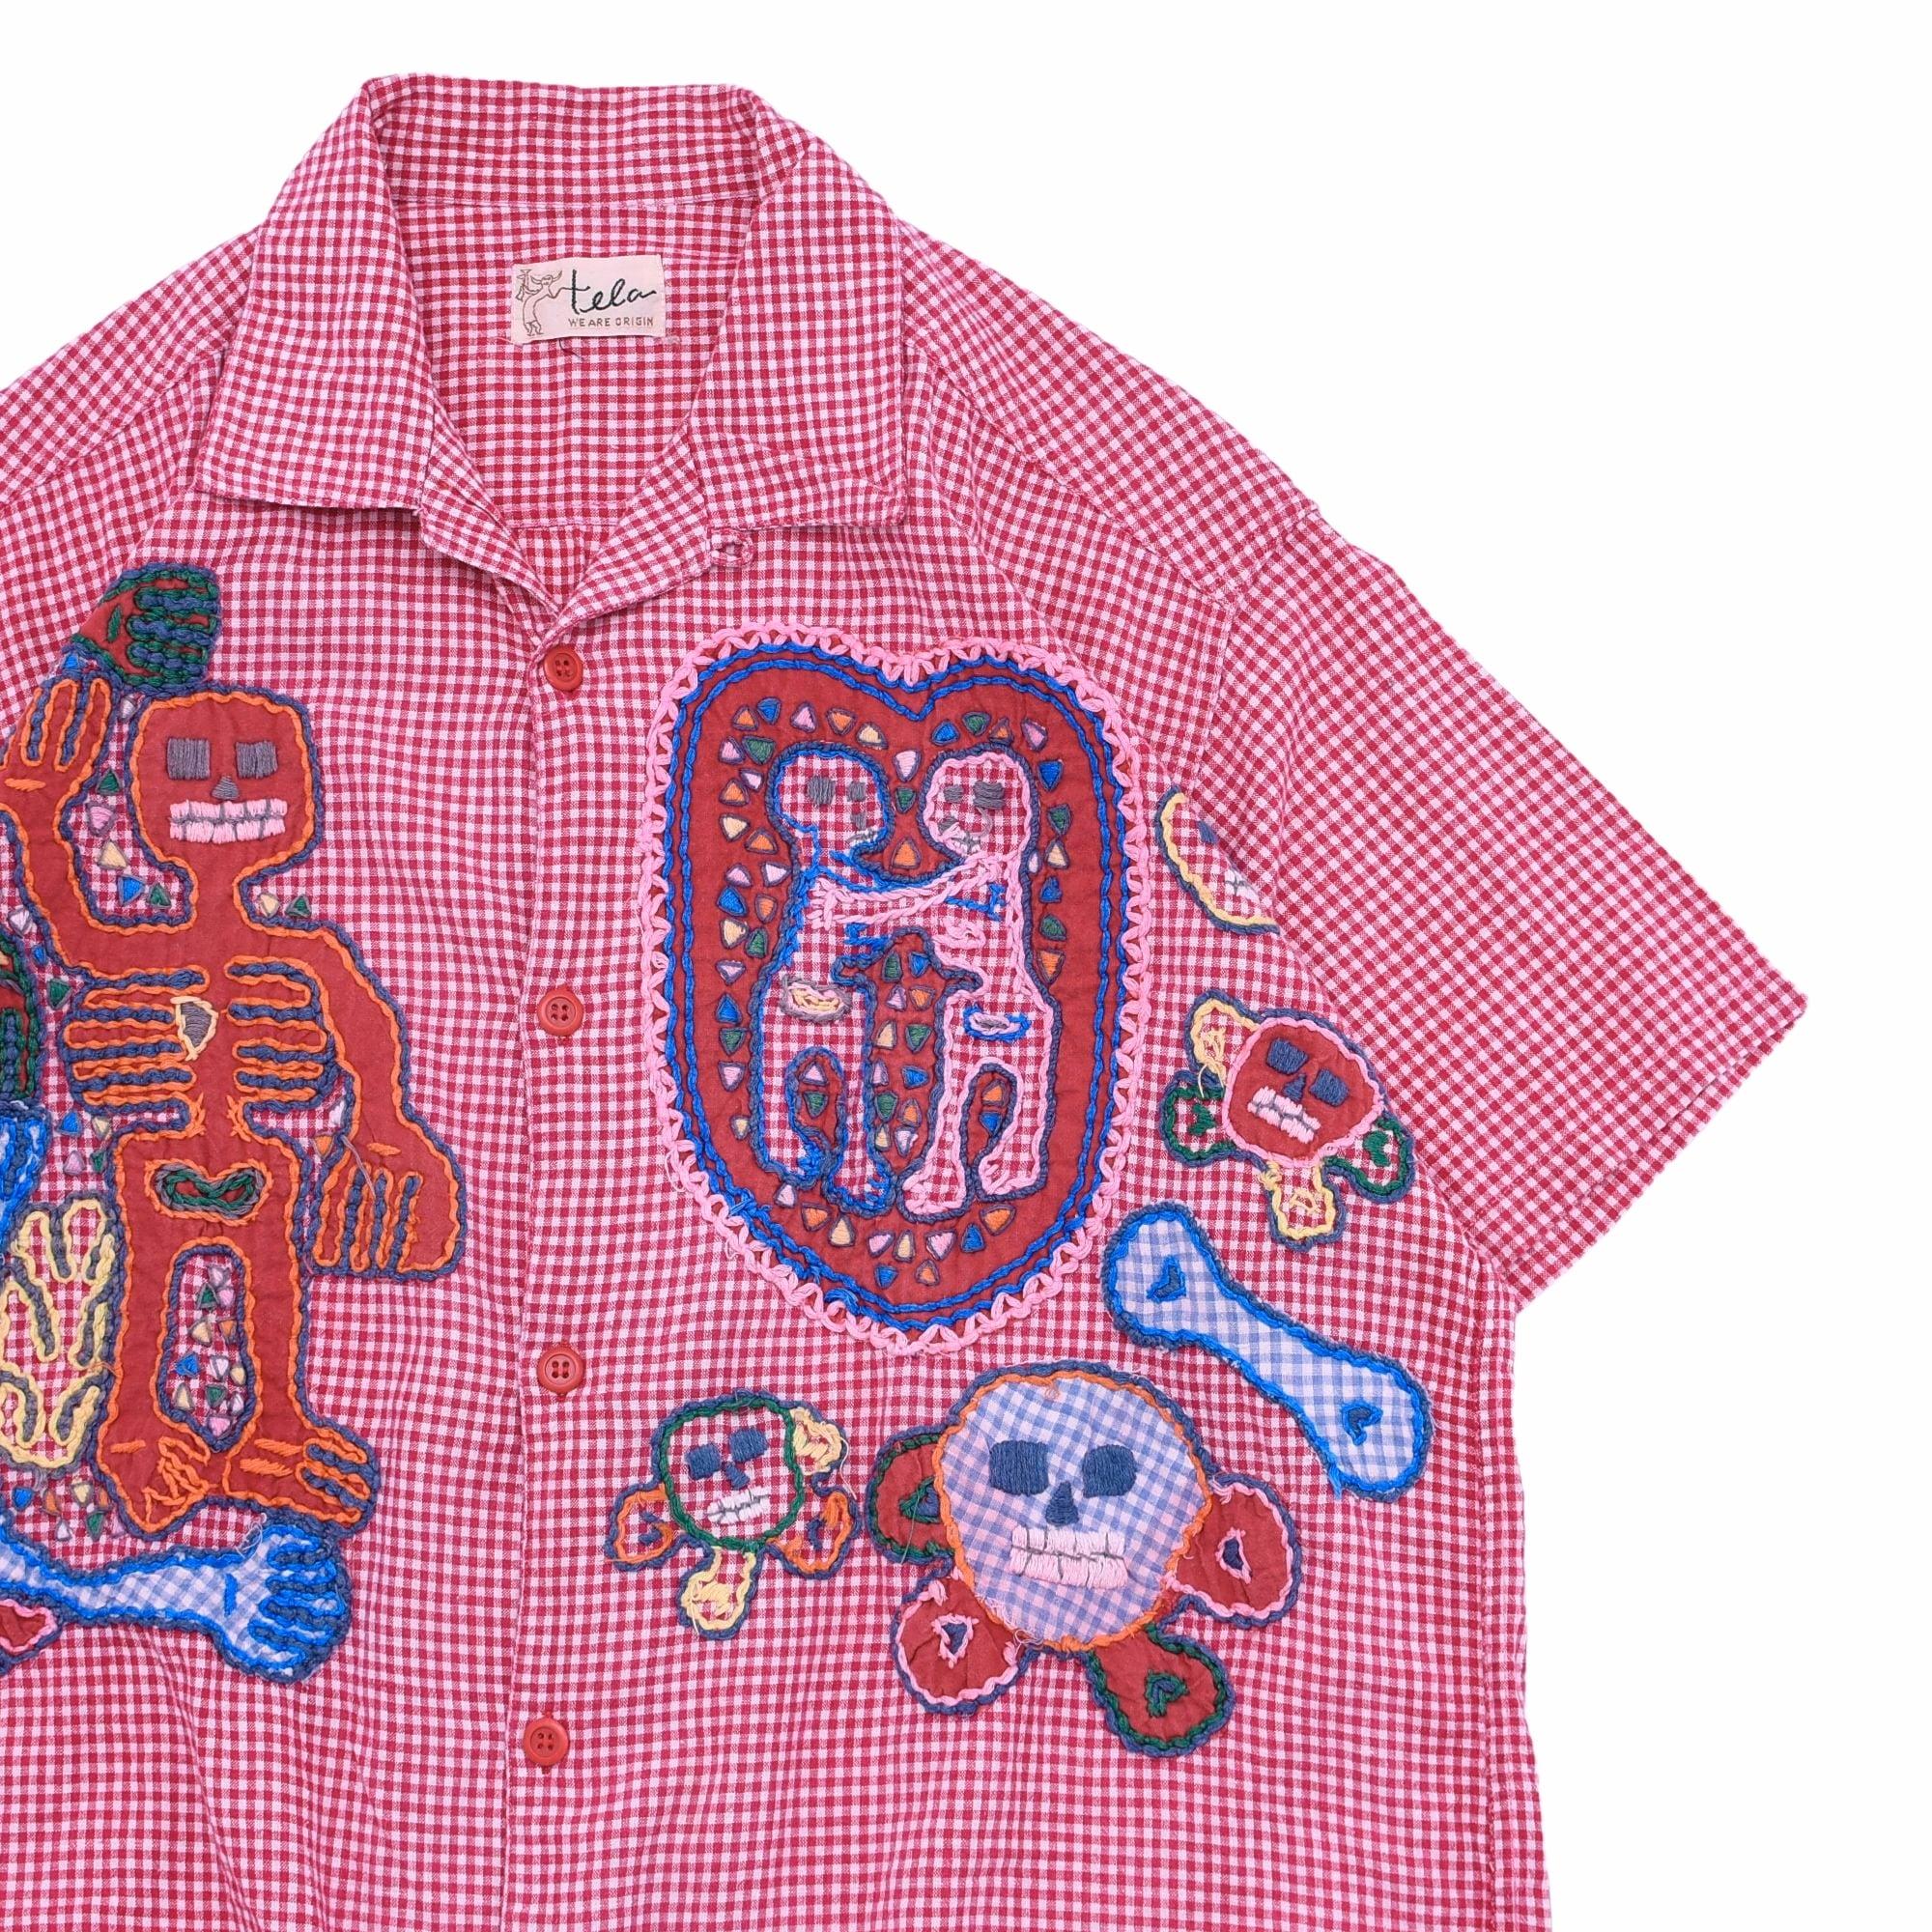 Applique design gingham check open collar shirt